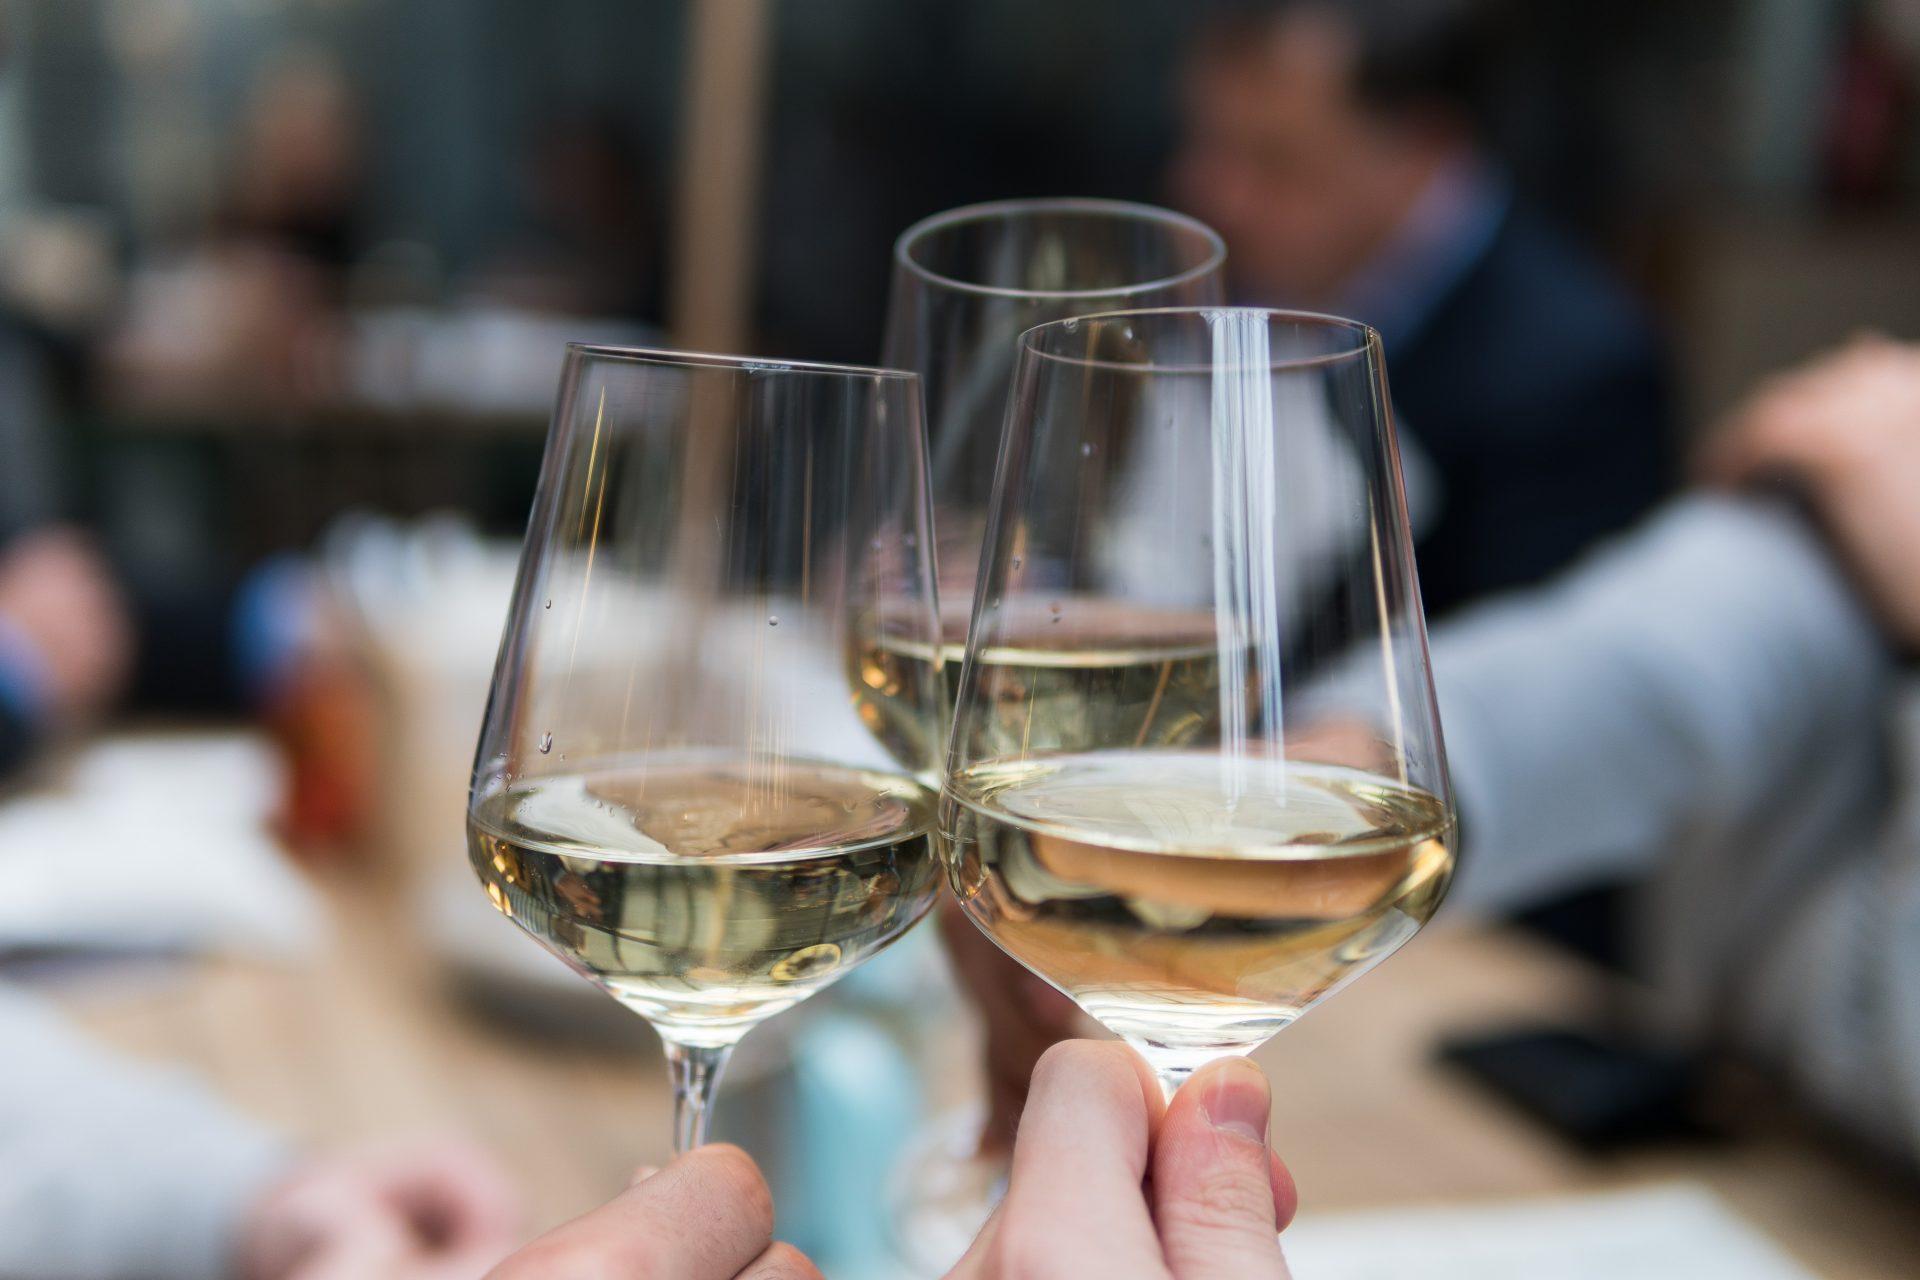 【コスパ最強】7ドル以下!安いのに美味しい白ワイン5選(トレジョで買えるよ)